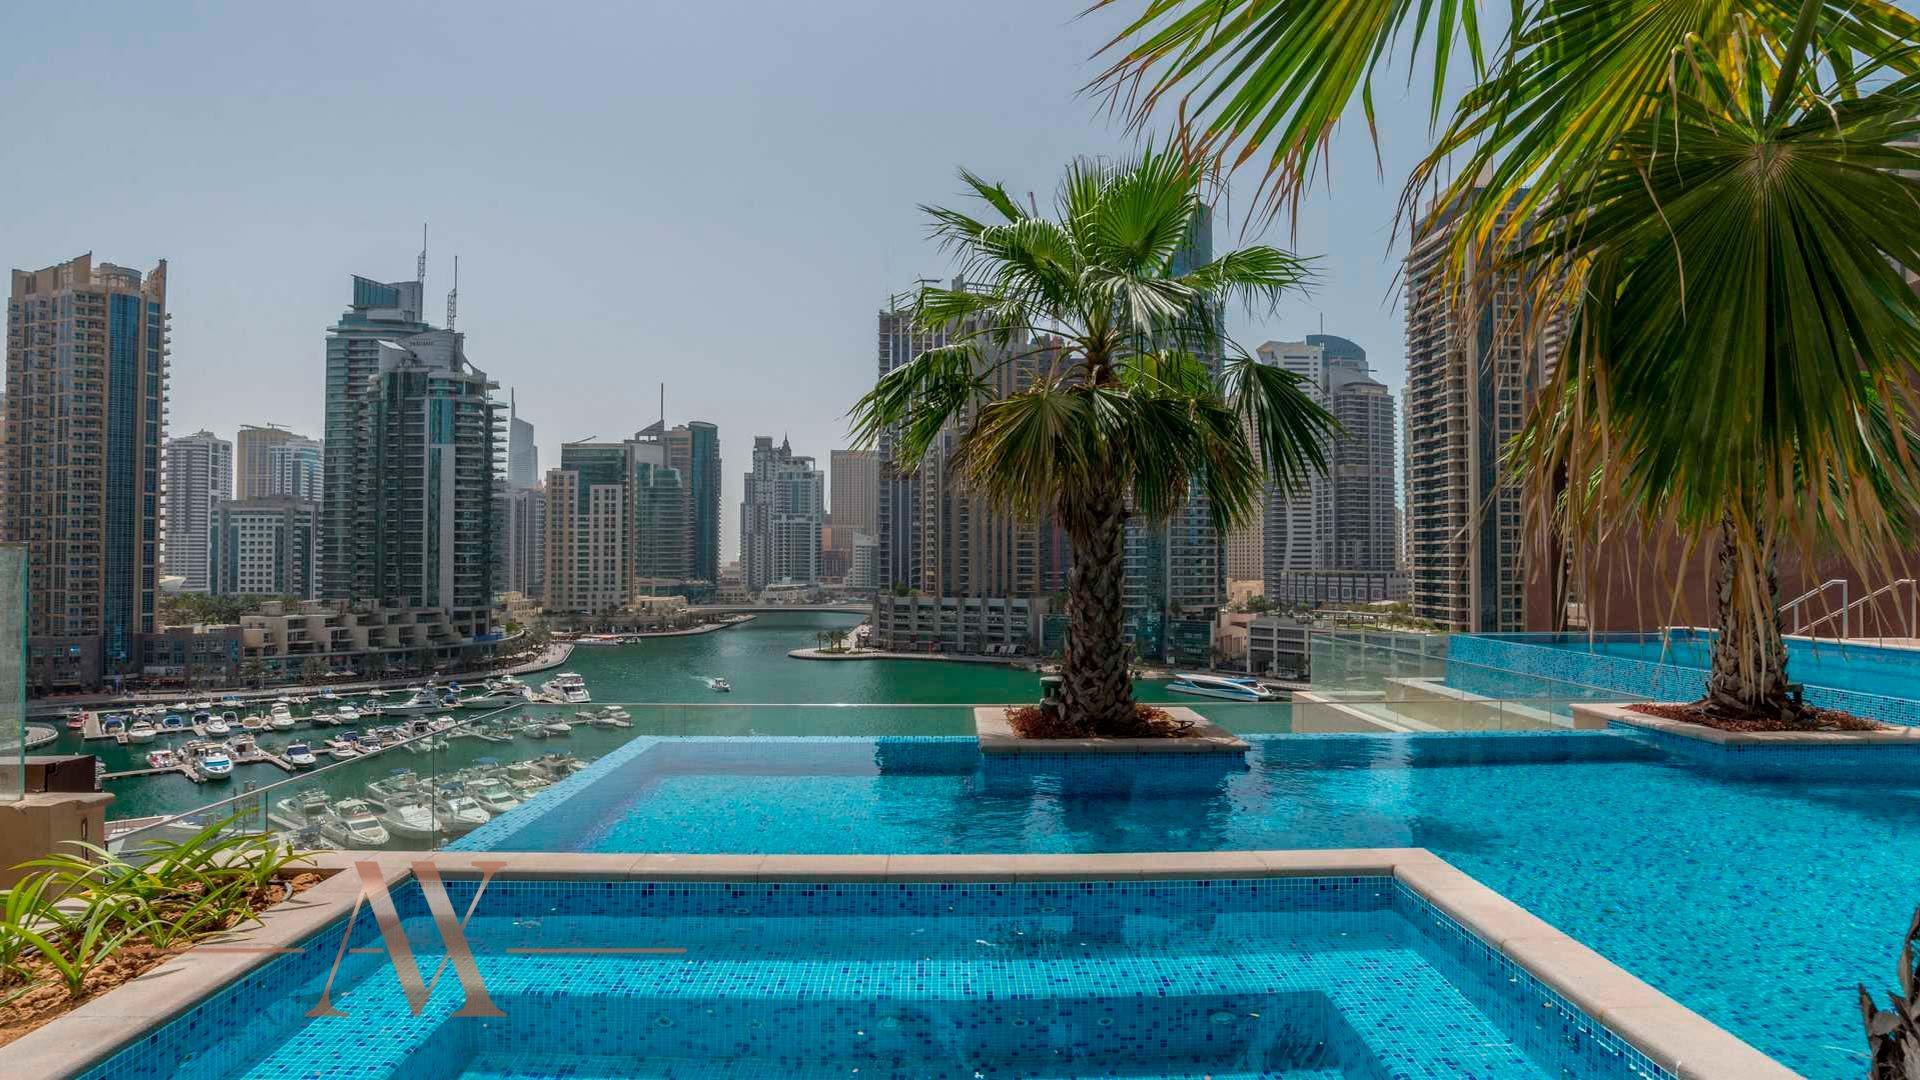 MARINA GATE, Dubai Marina, UAE – photo 5